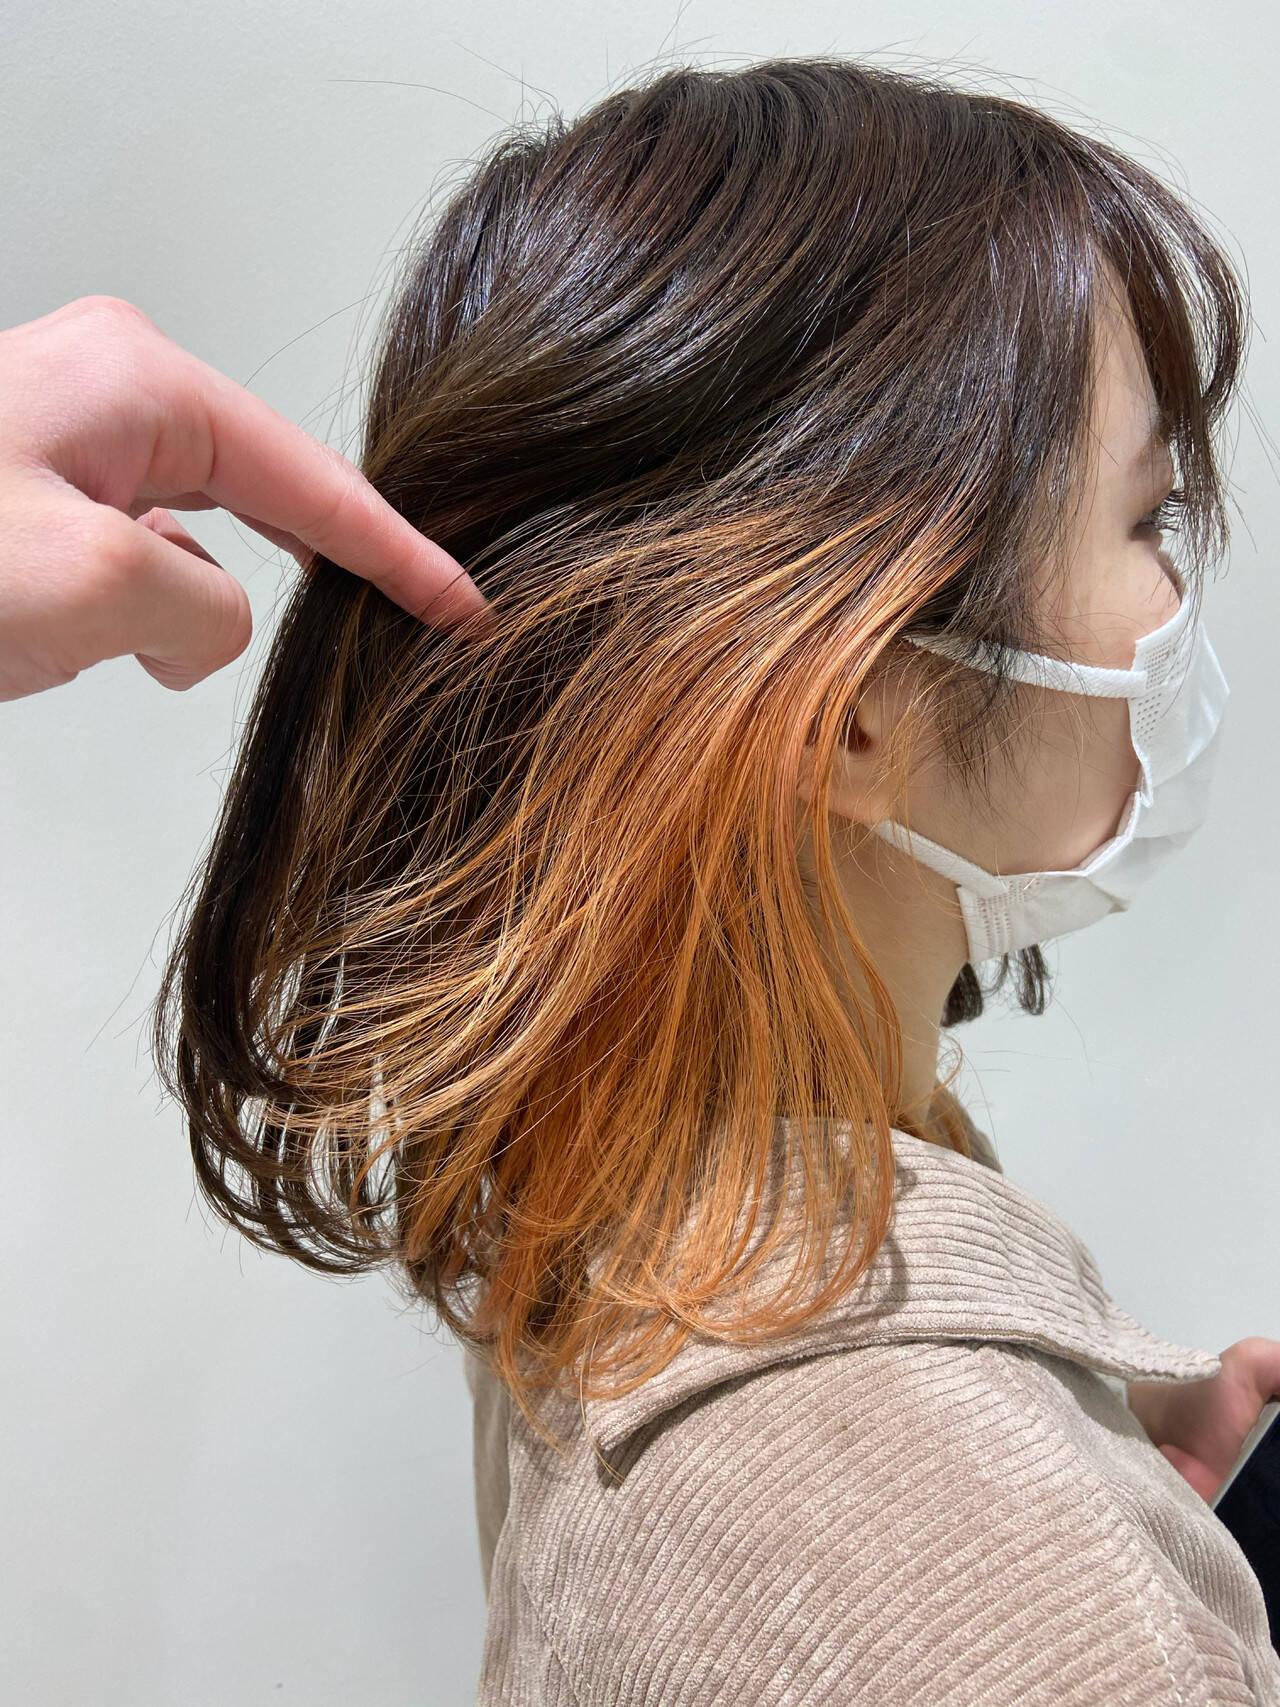 オレンジ アプリコットオレンジ オレンジカラー セミロングヘアスタイルや髪型の写真・画像